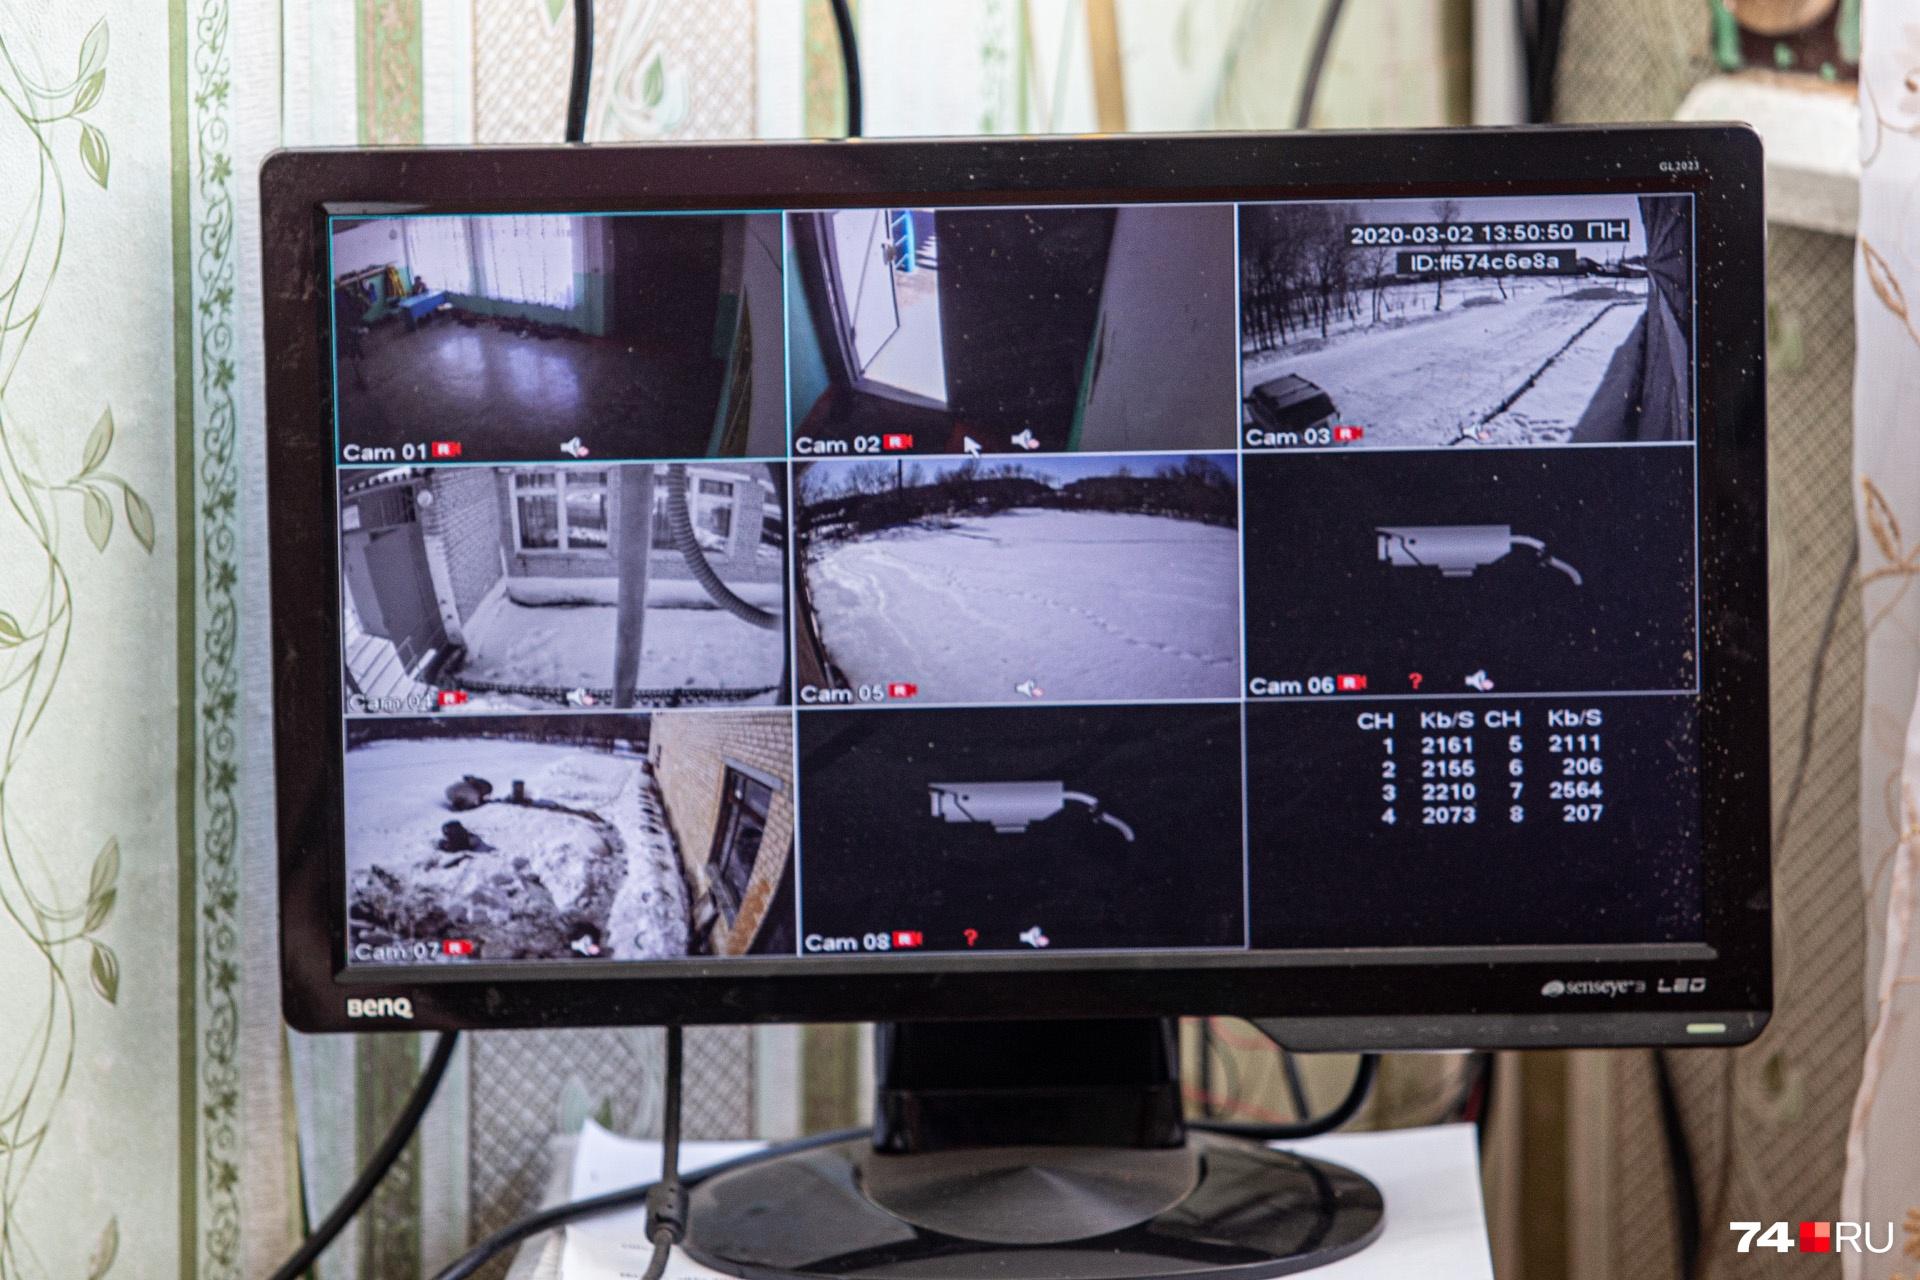 Видеонаблюдение в школе есть, но крыльцо, где мог предположительно произойти конфликт, в кадр не попадает